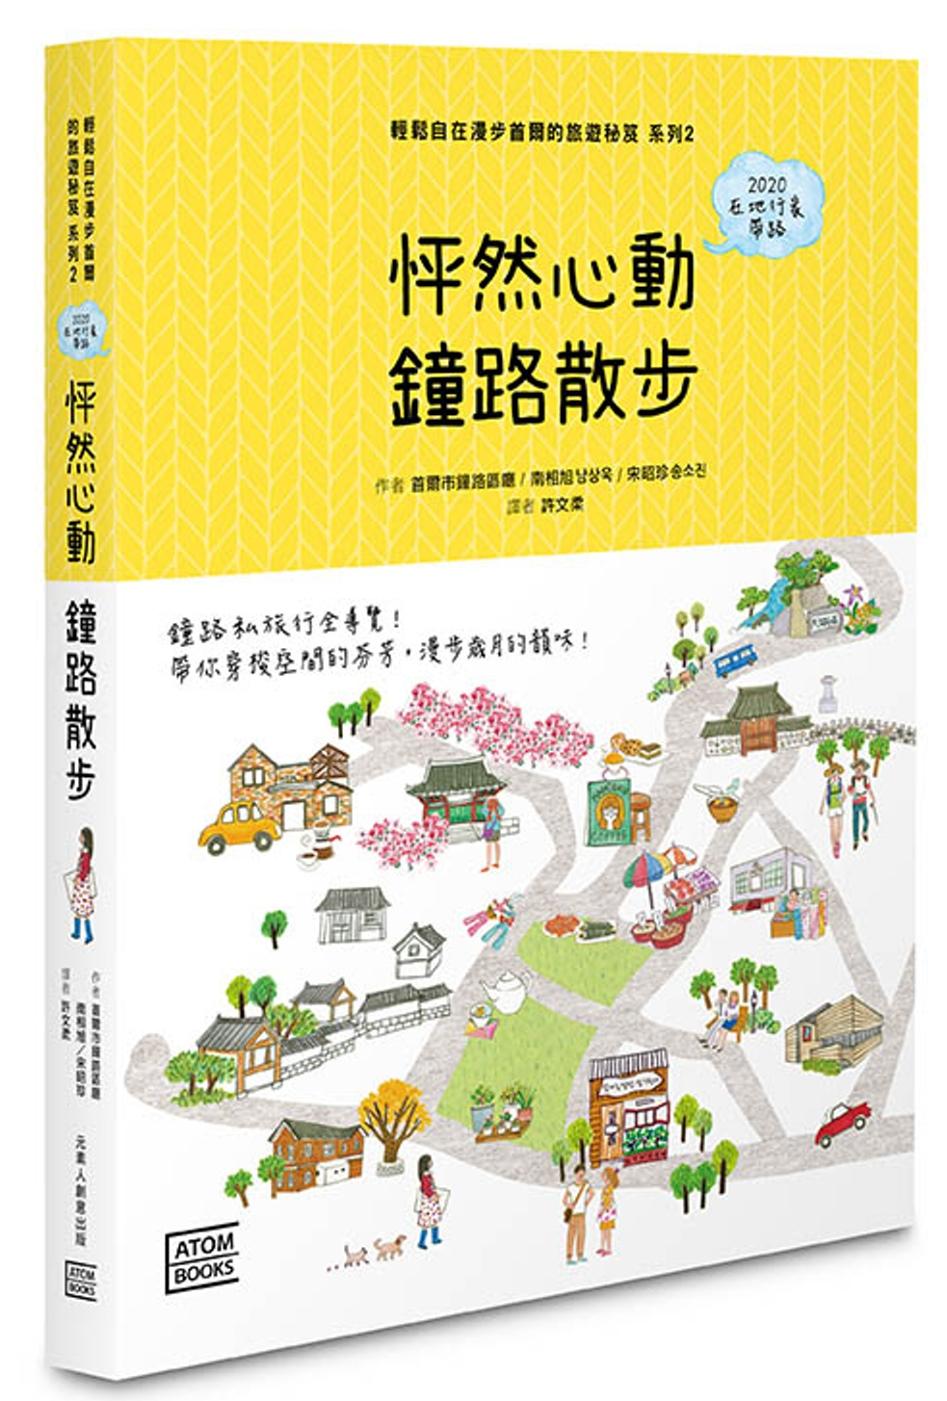 怦然心動.鐘路散步:輕鬆自在漫步首爾的旅遊秘笈 系列2